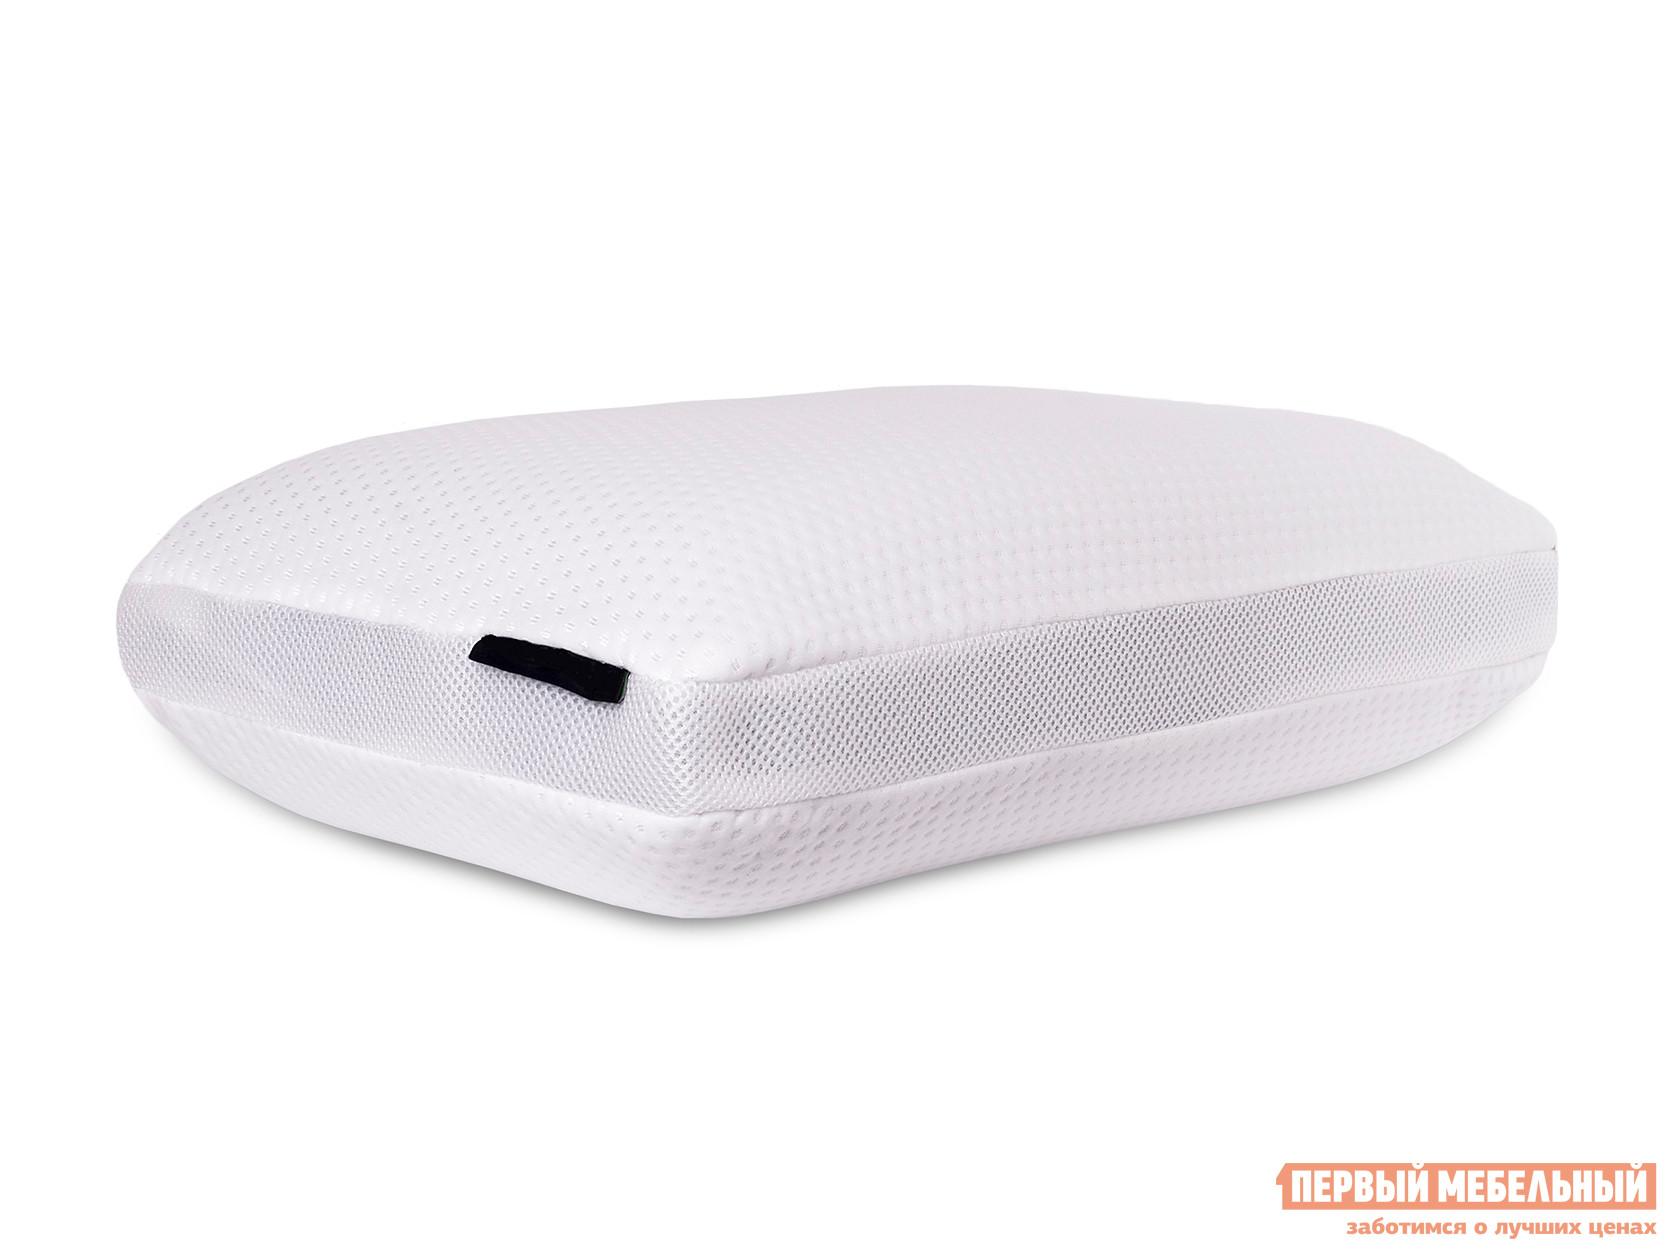 Подушка Подушка IQ Comfort M/L Белый, M фото